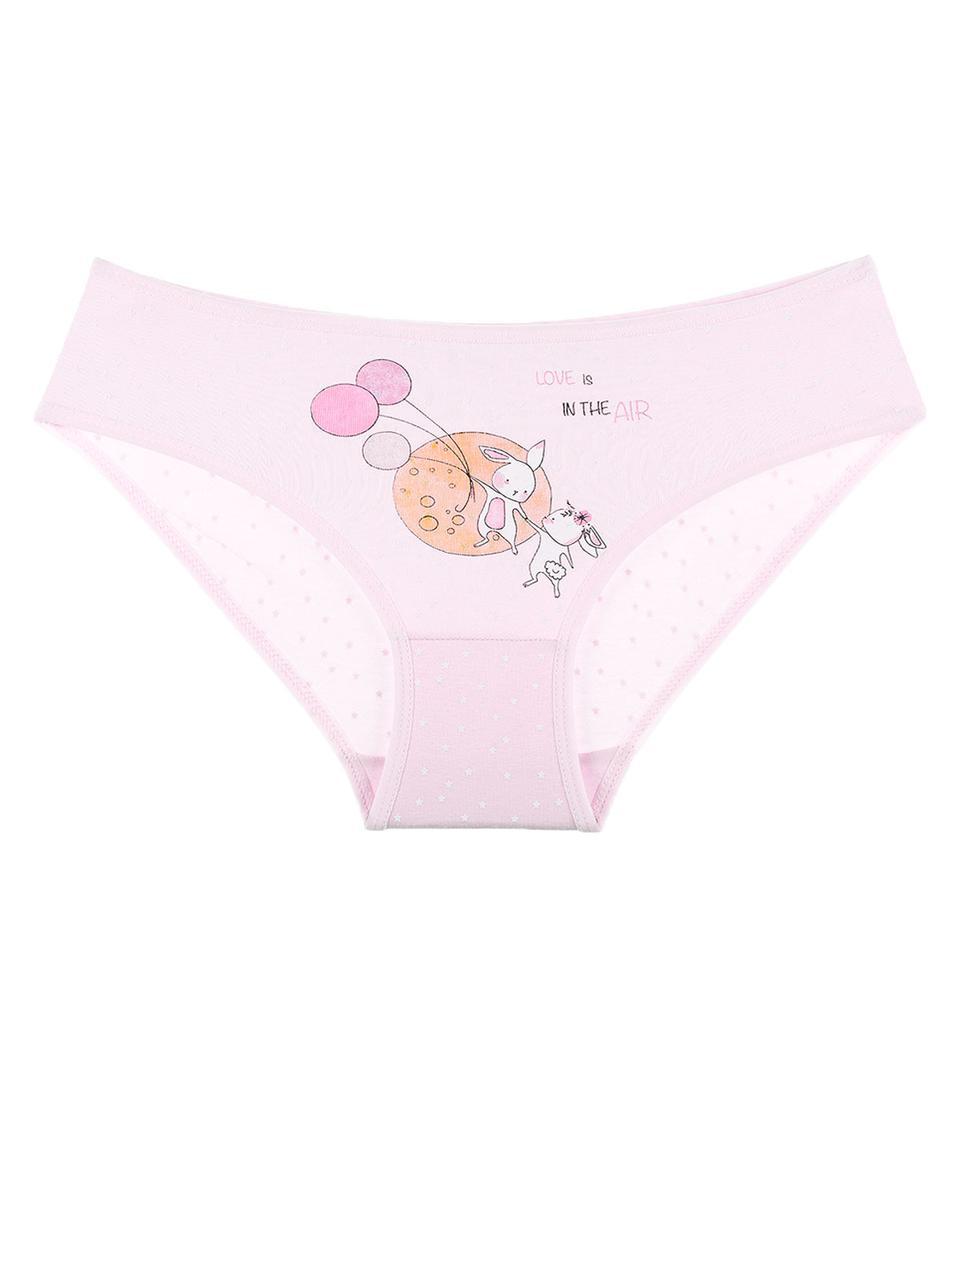 Трусы для девочки Зайчики Розовый 92-98 (2-3 года) Donella Турция